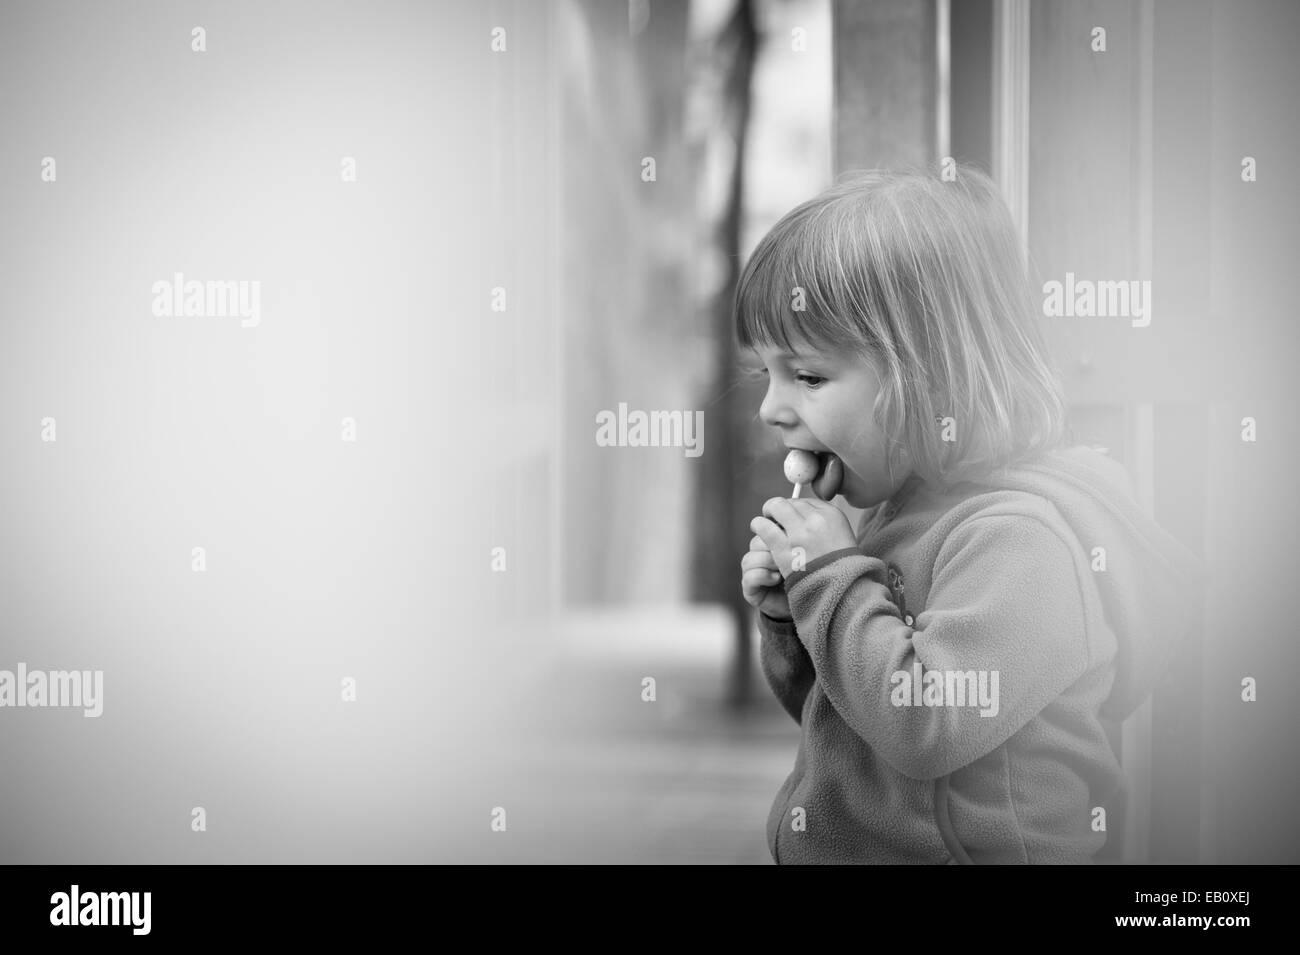 ein Liitle Mädchen heimlich Essen einen leckeren Lutscher Stockbild